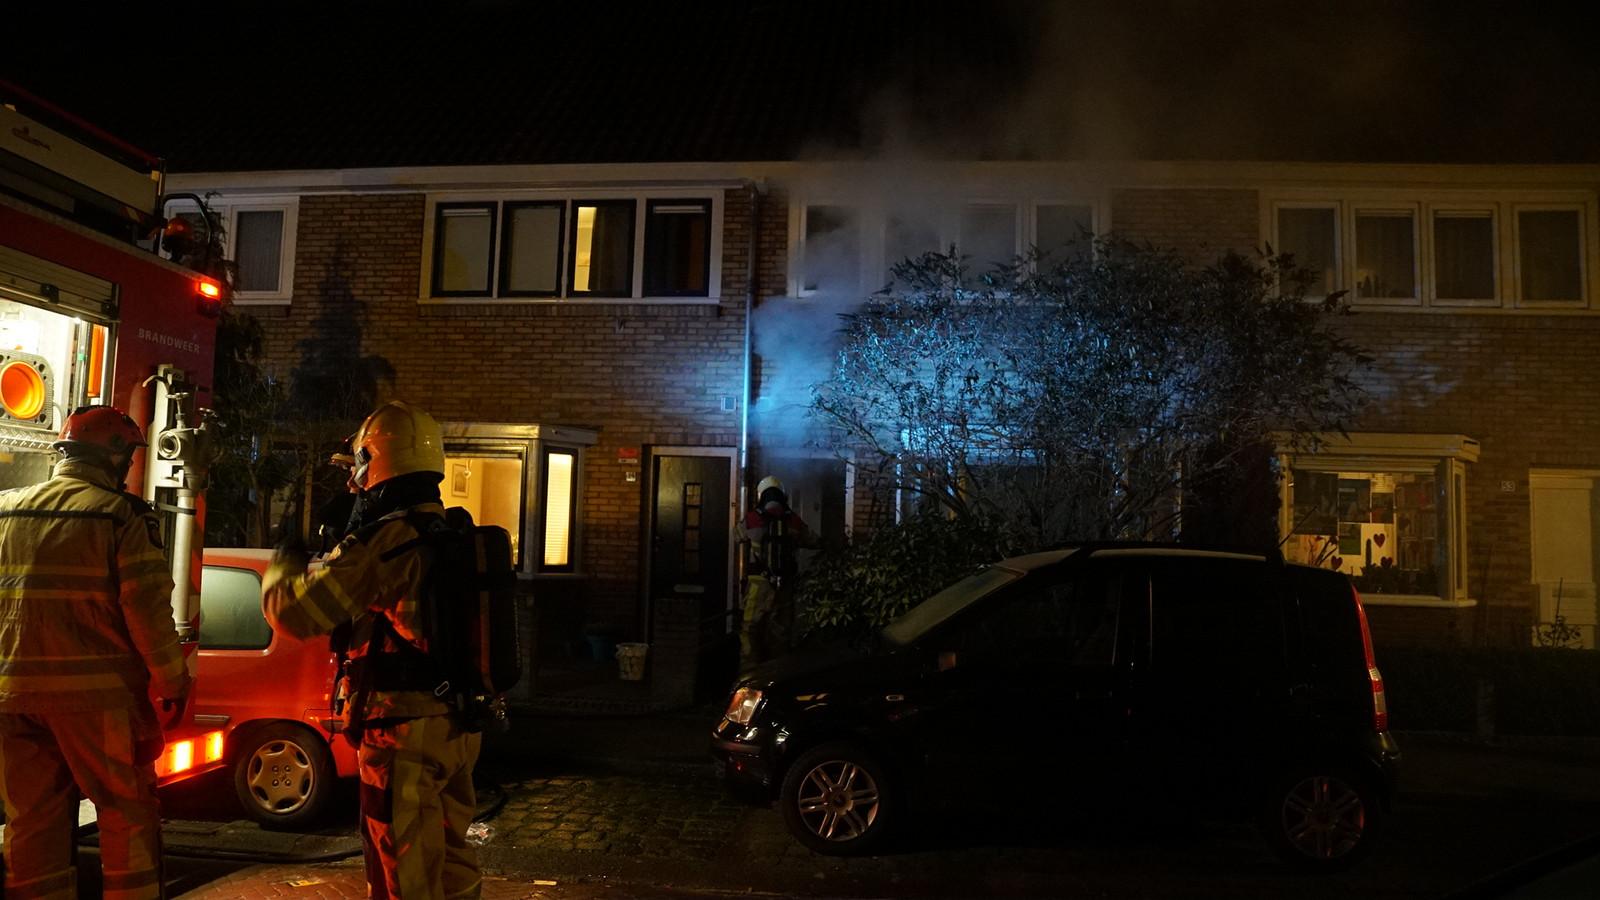 De rook komt uit de woning naar buiten.